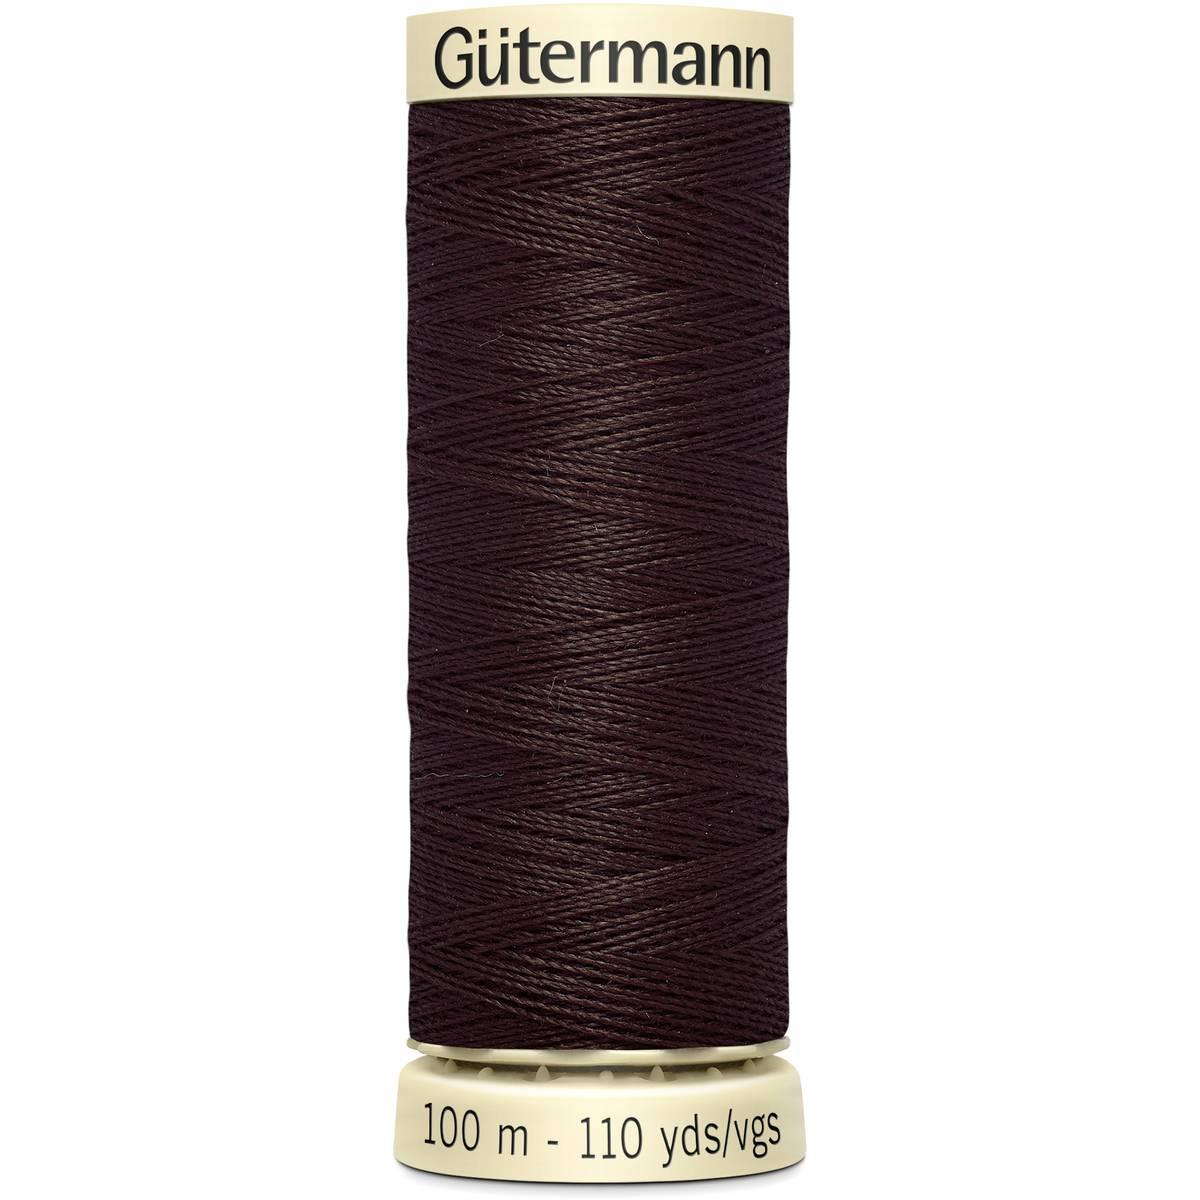 חוט תפירה גוטרמן - Brown 696